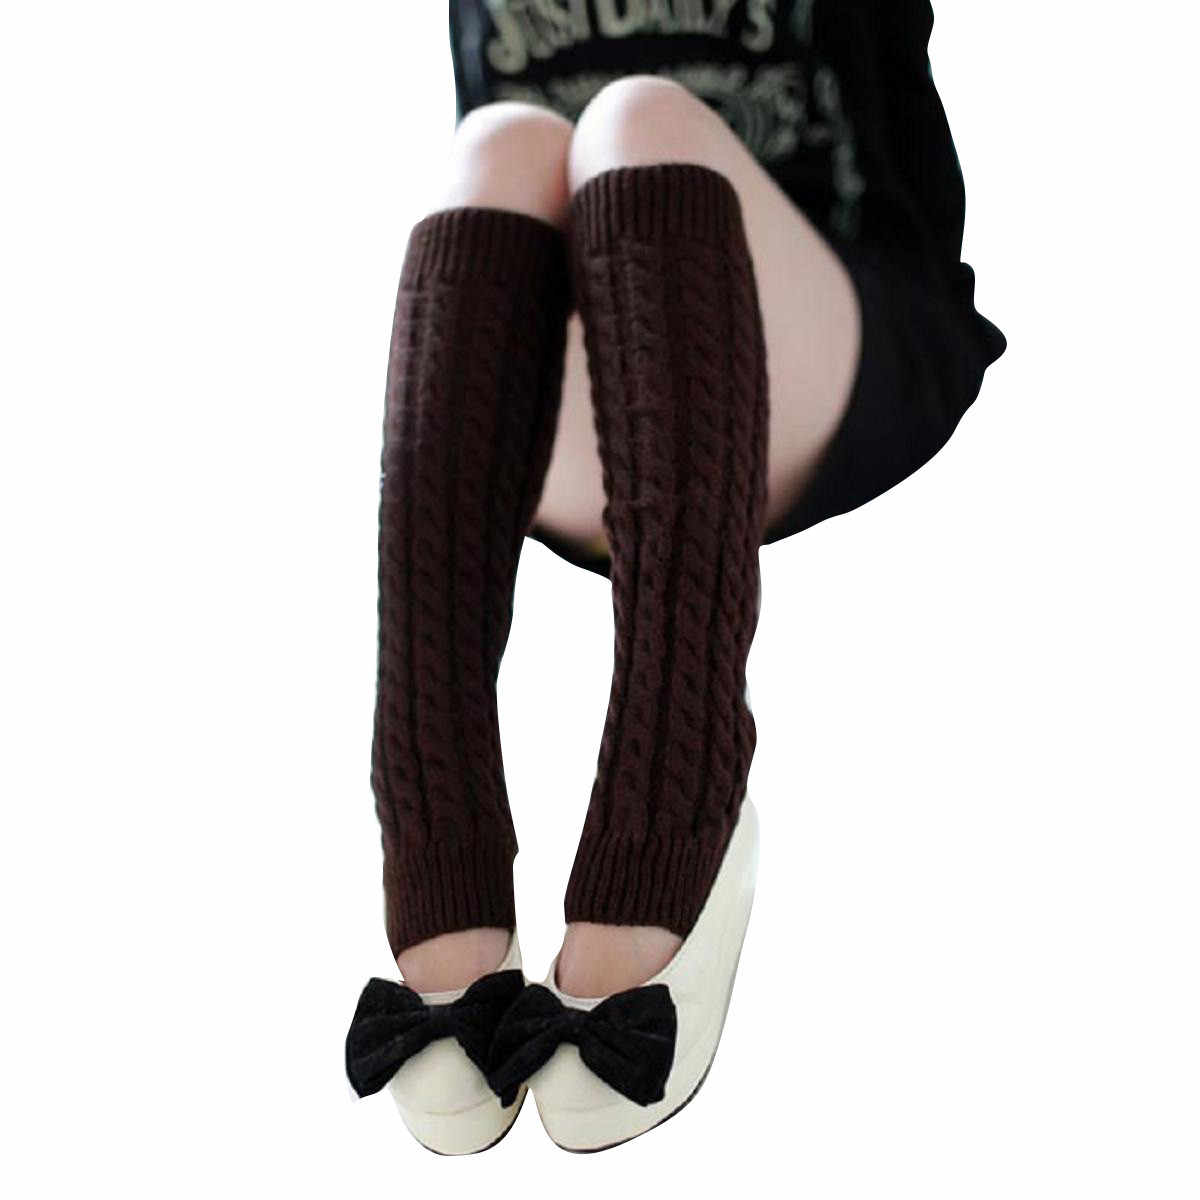 Inanılmaz Moda Kadınlar Kış sıcak Bacak Isıtıcıları Örme Çorap Tığ Uzun Çizme Çorap 2019 Yeni Sonbahar Modis * 20